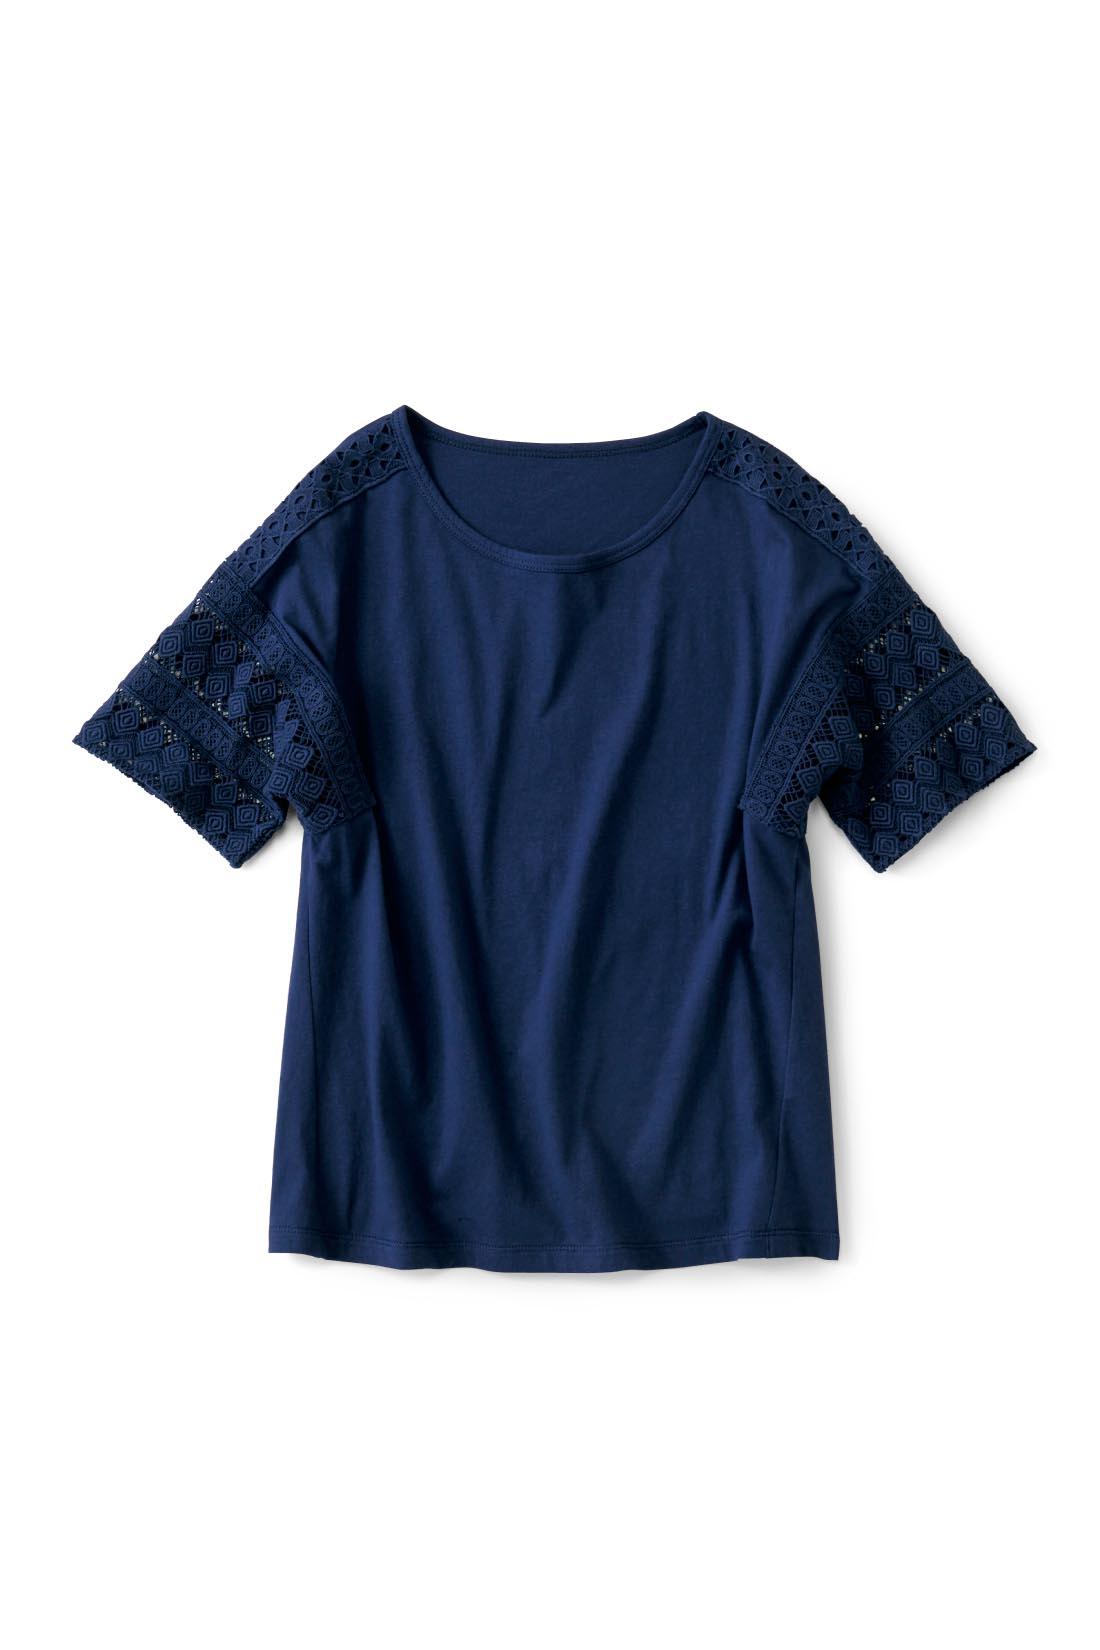 ほどよいきちんと感の【ネイビー】 肩はTシャツ生地の上にレースを重ねているので、肌が見えすぎず上品な印象。 ほどよく肩落ちのデザインだから腕が透けすぎず安心です。